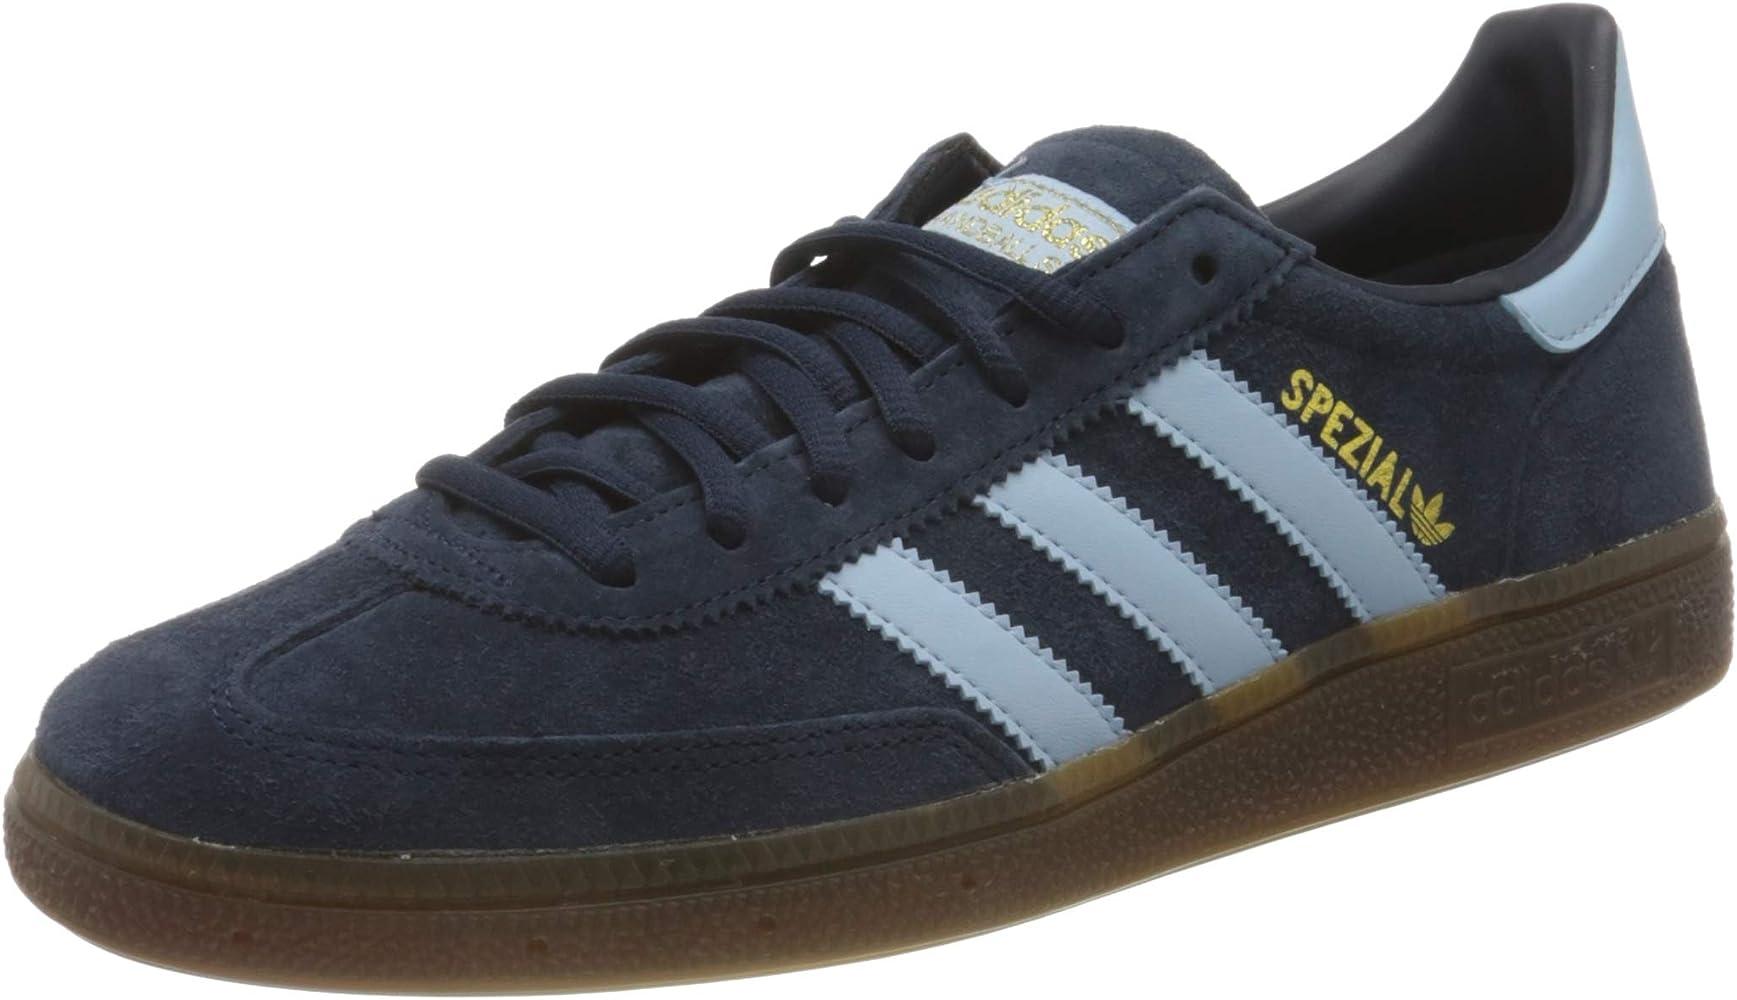 adidas Originals Mens Handball Spezial